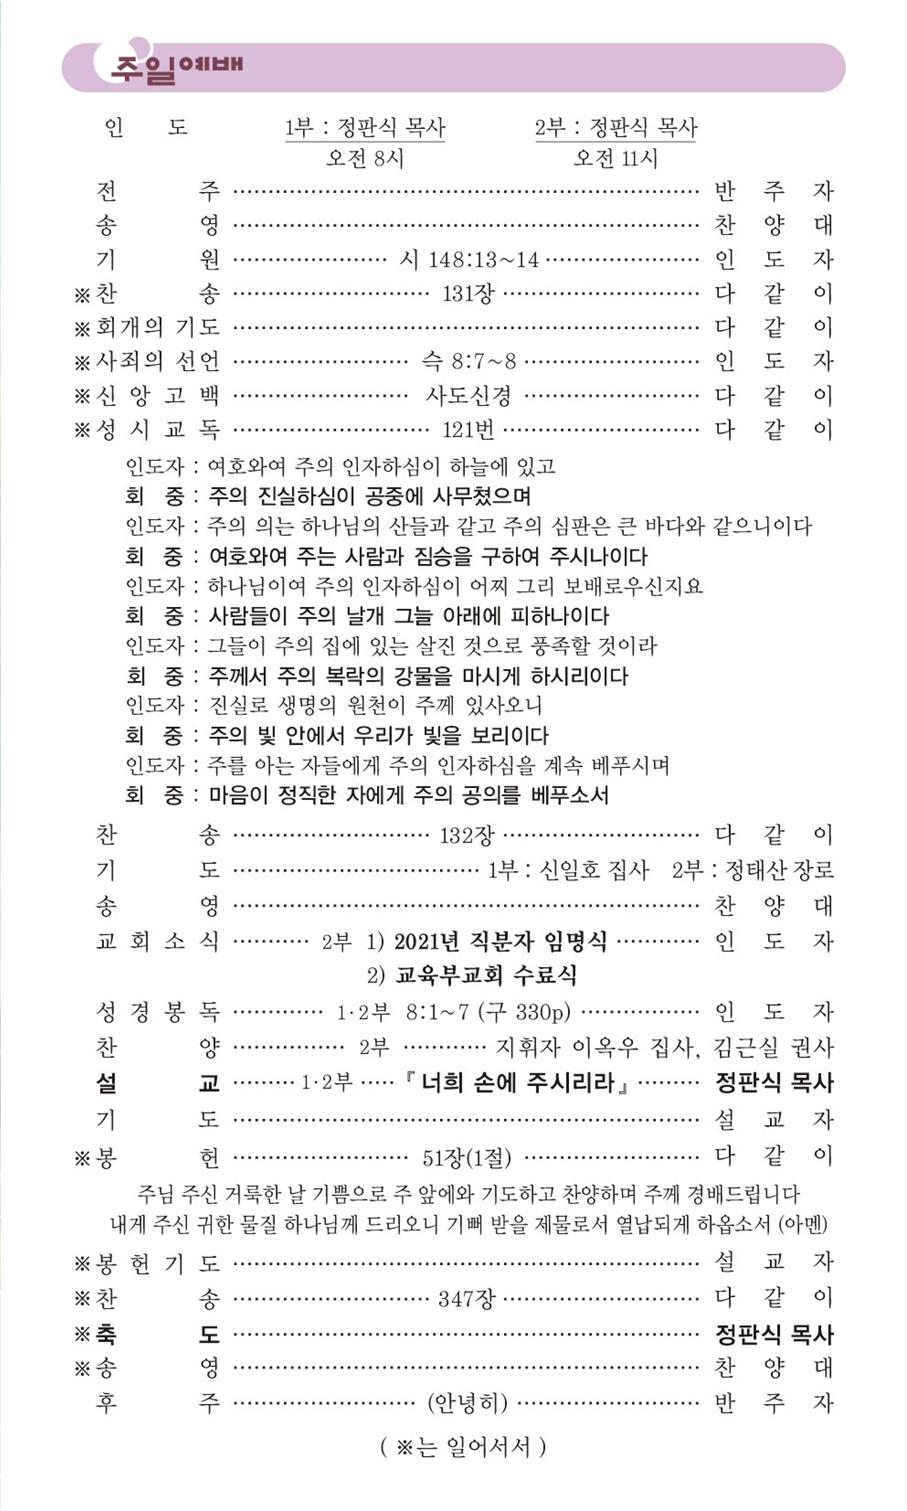 20201227찬양예배.png